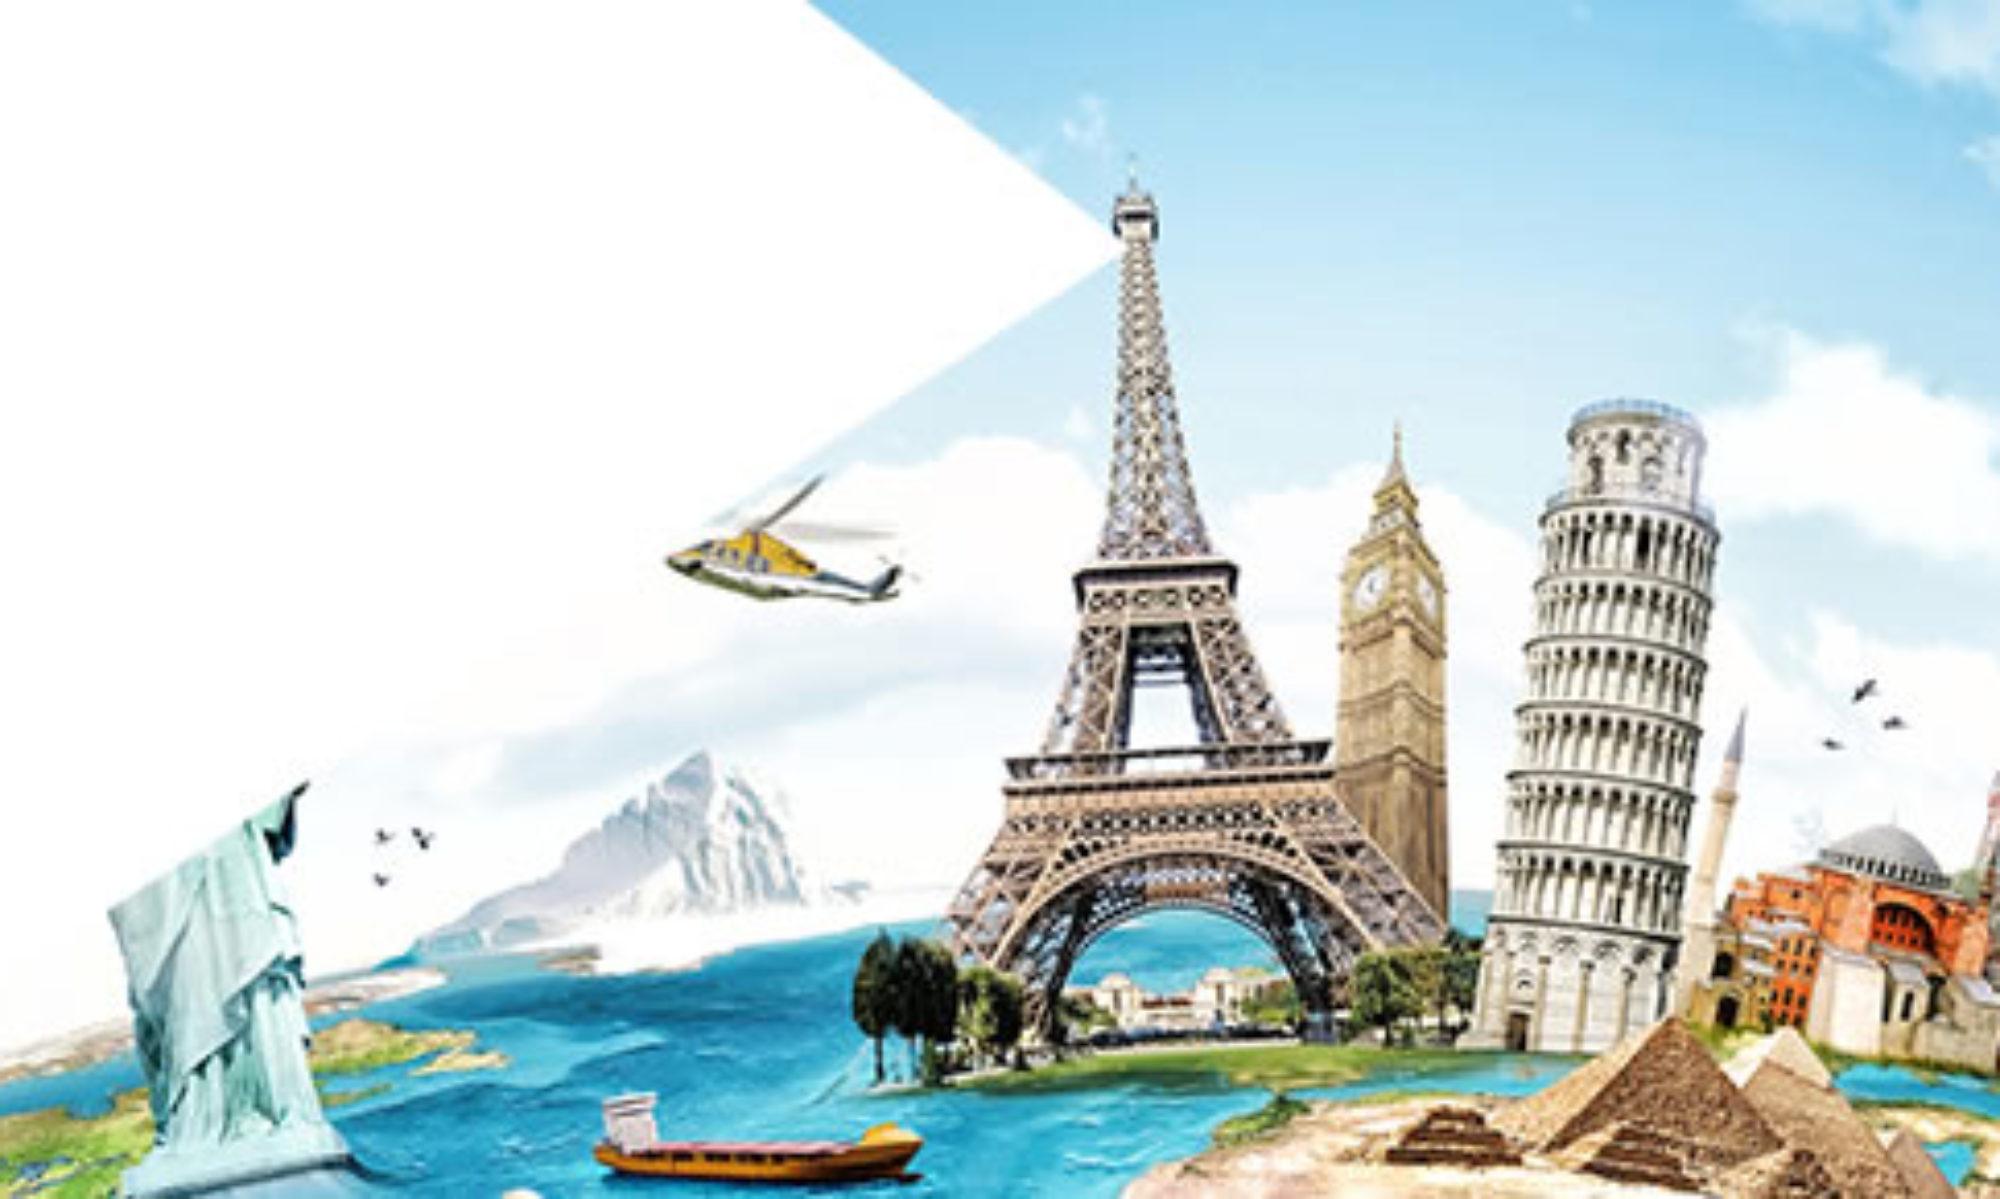 Agência de Viagens Campinas - Assessoria de Vistos Consulares e Viagens